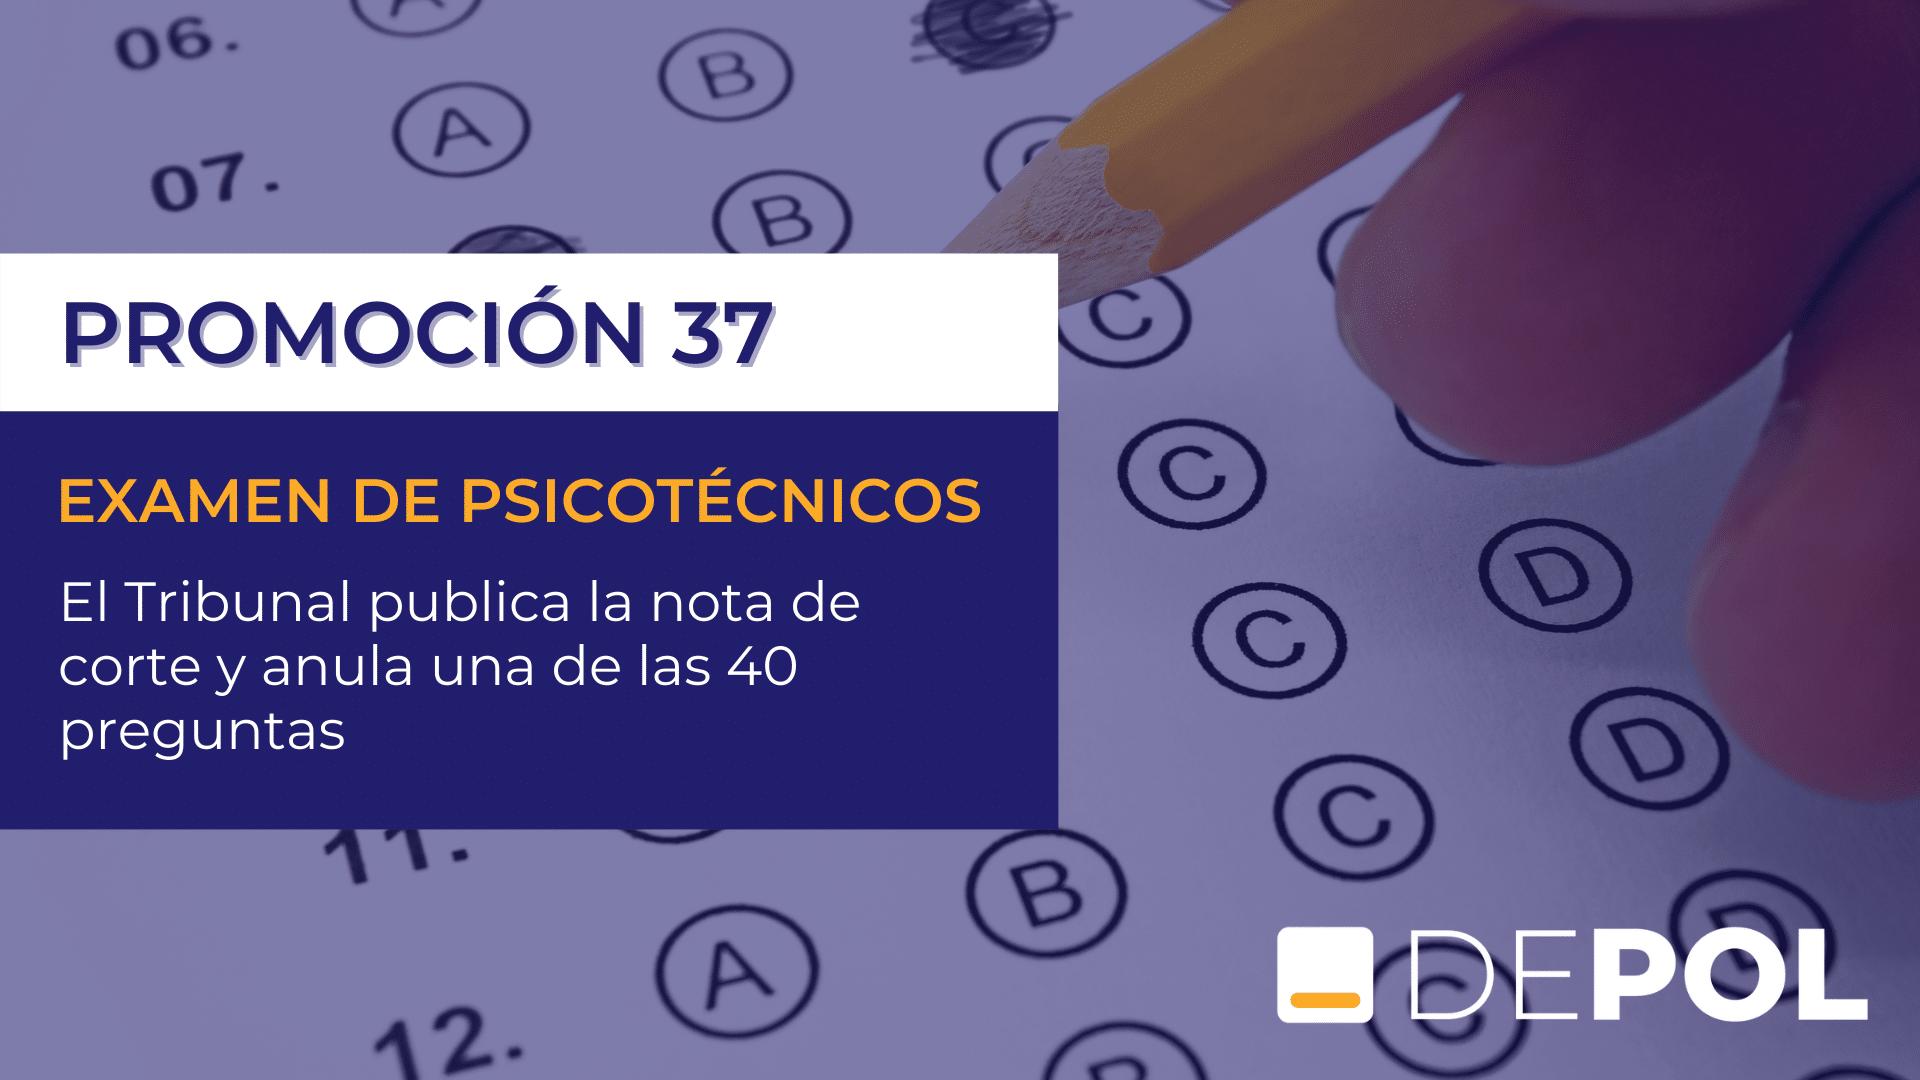 PUBLICADA LA NOTA DE CORTE DE PSICOTÉNICOS DE LA PROMOCIÓN 37